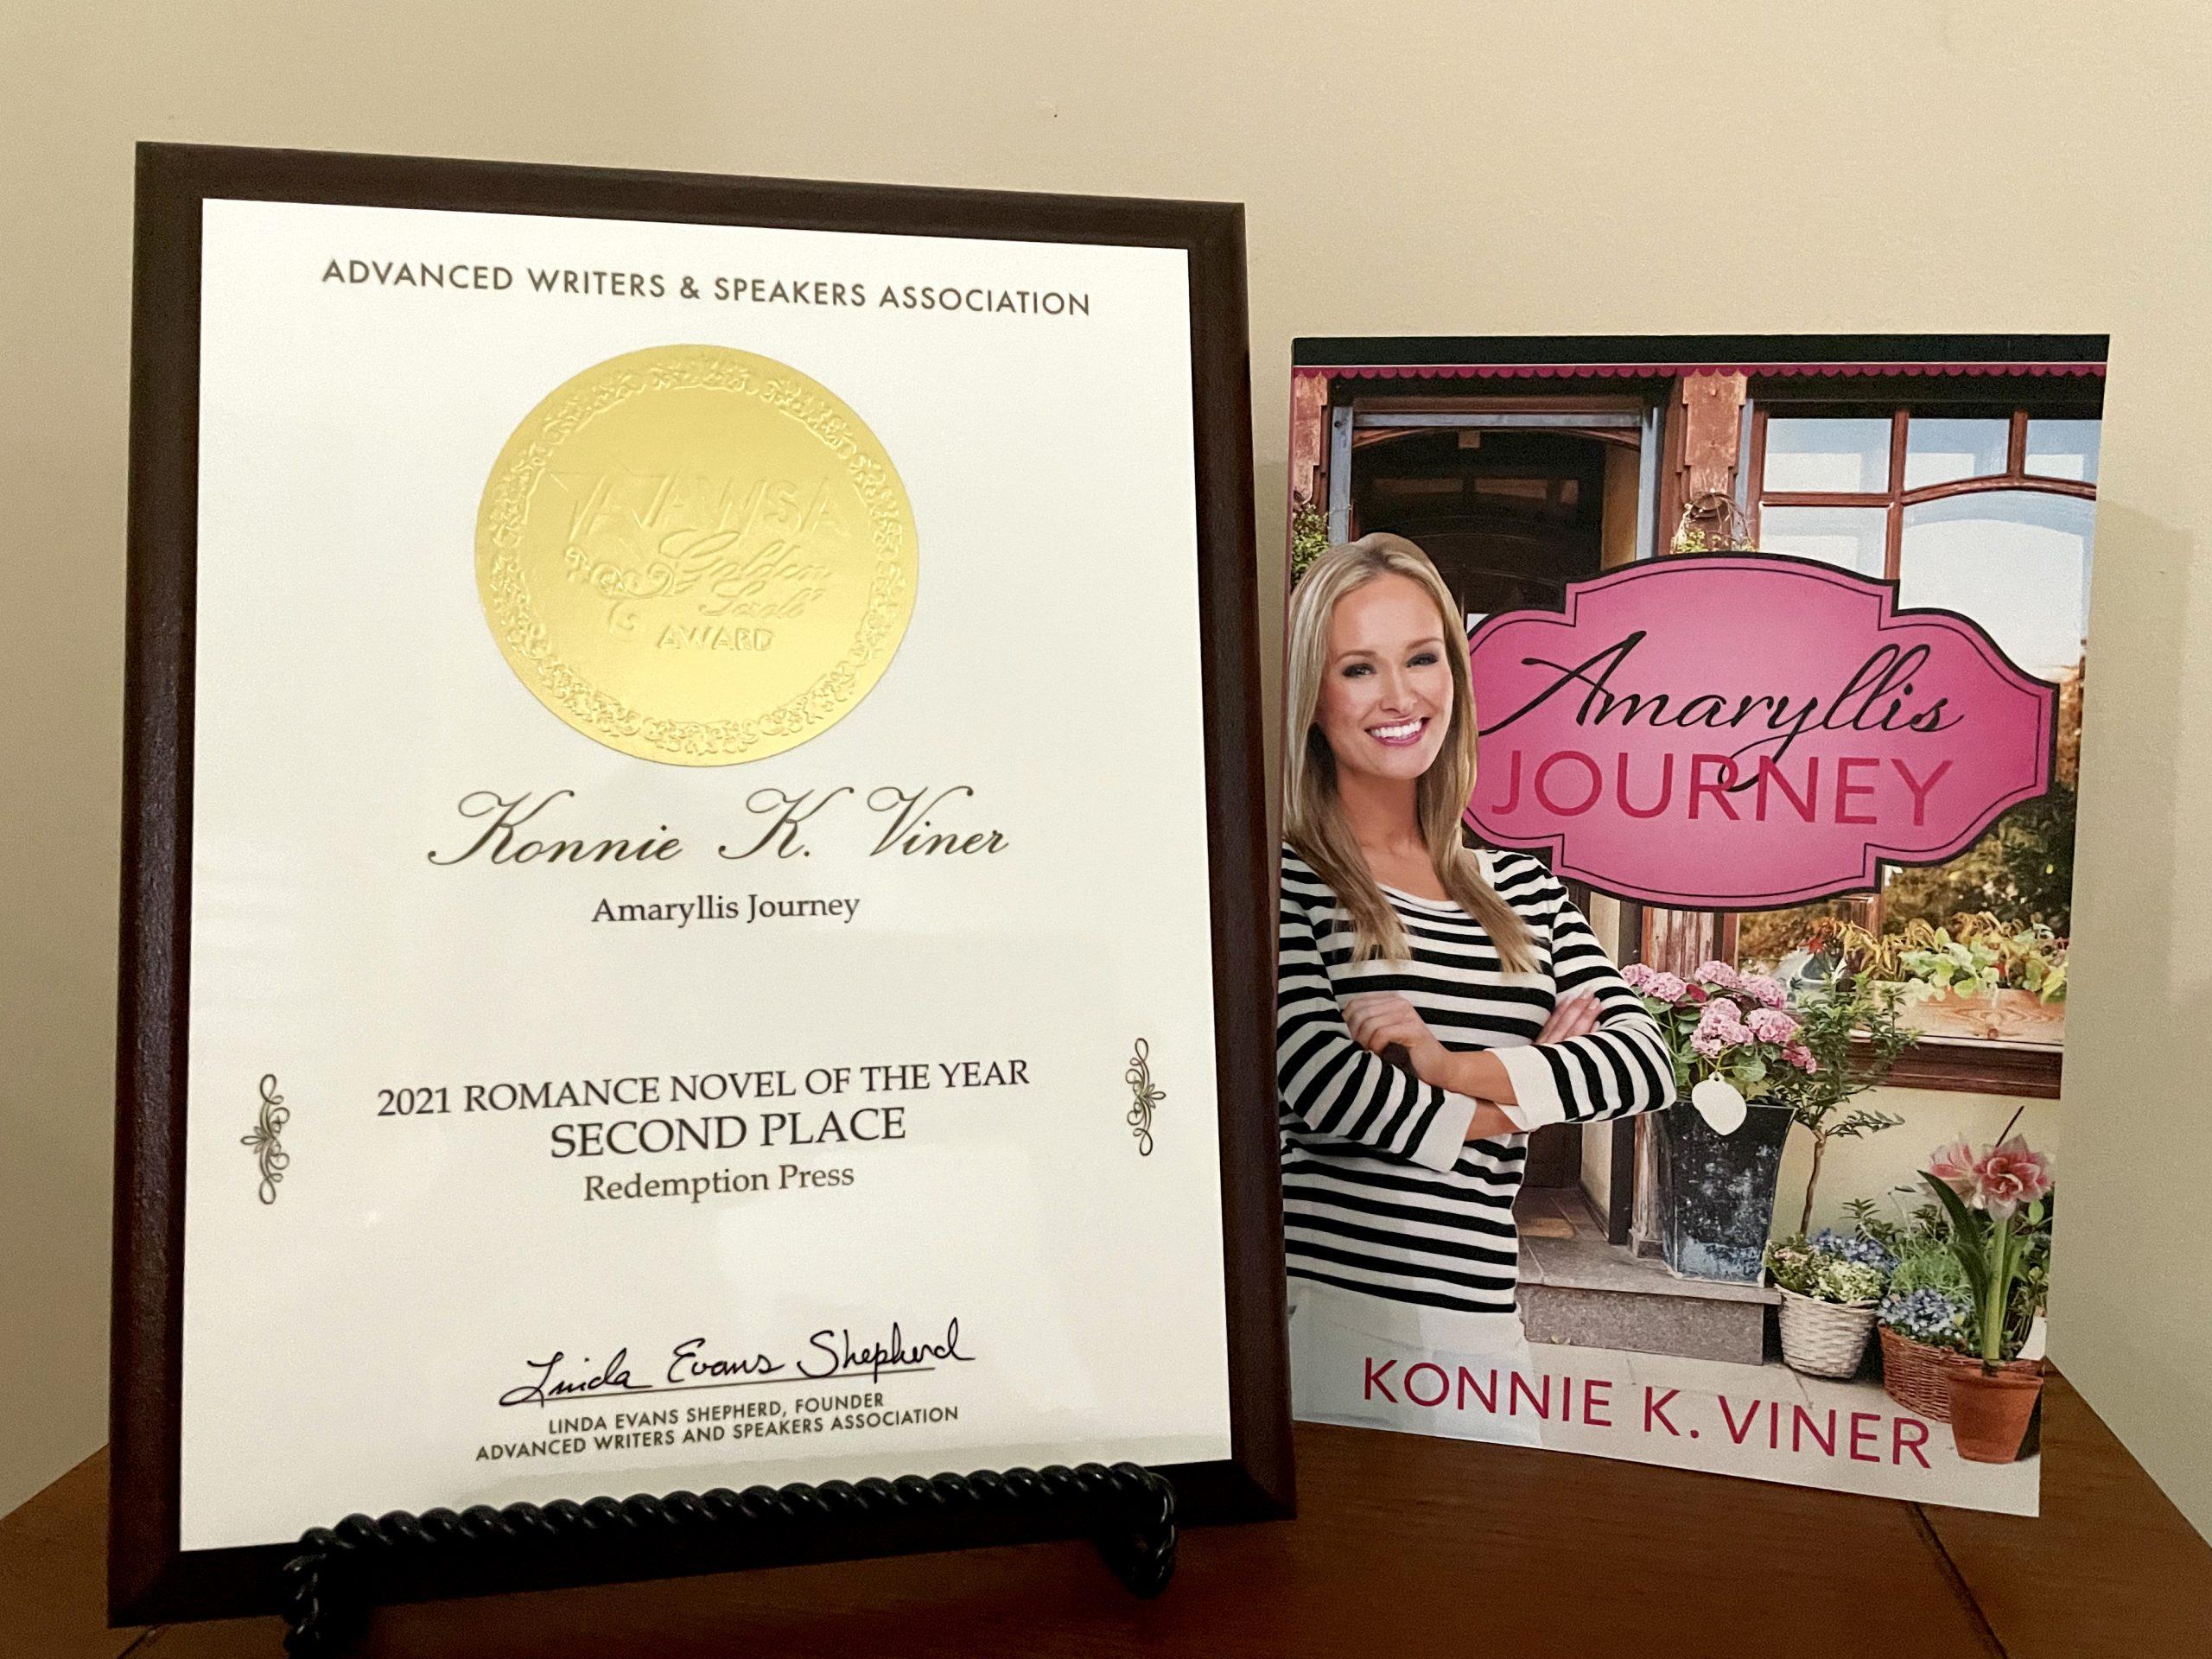 Amaryllis-Journey-Award-brightened